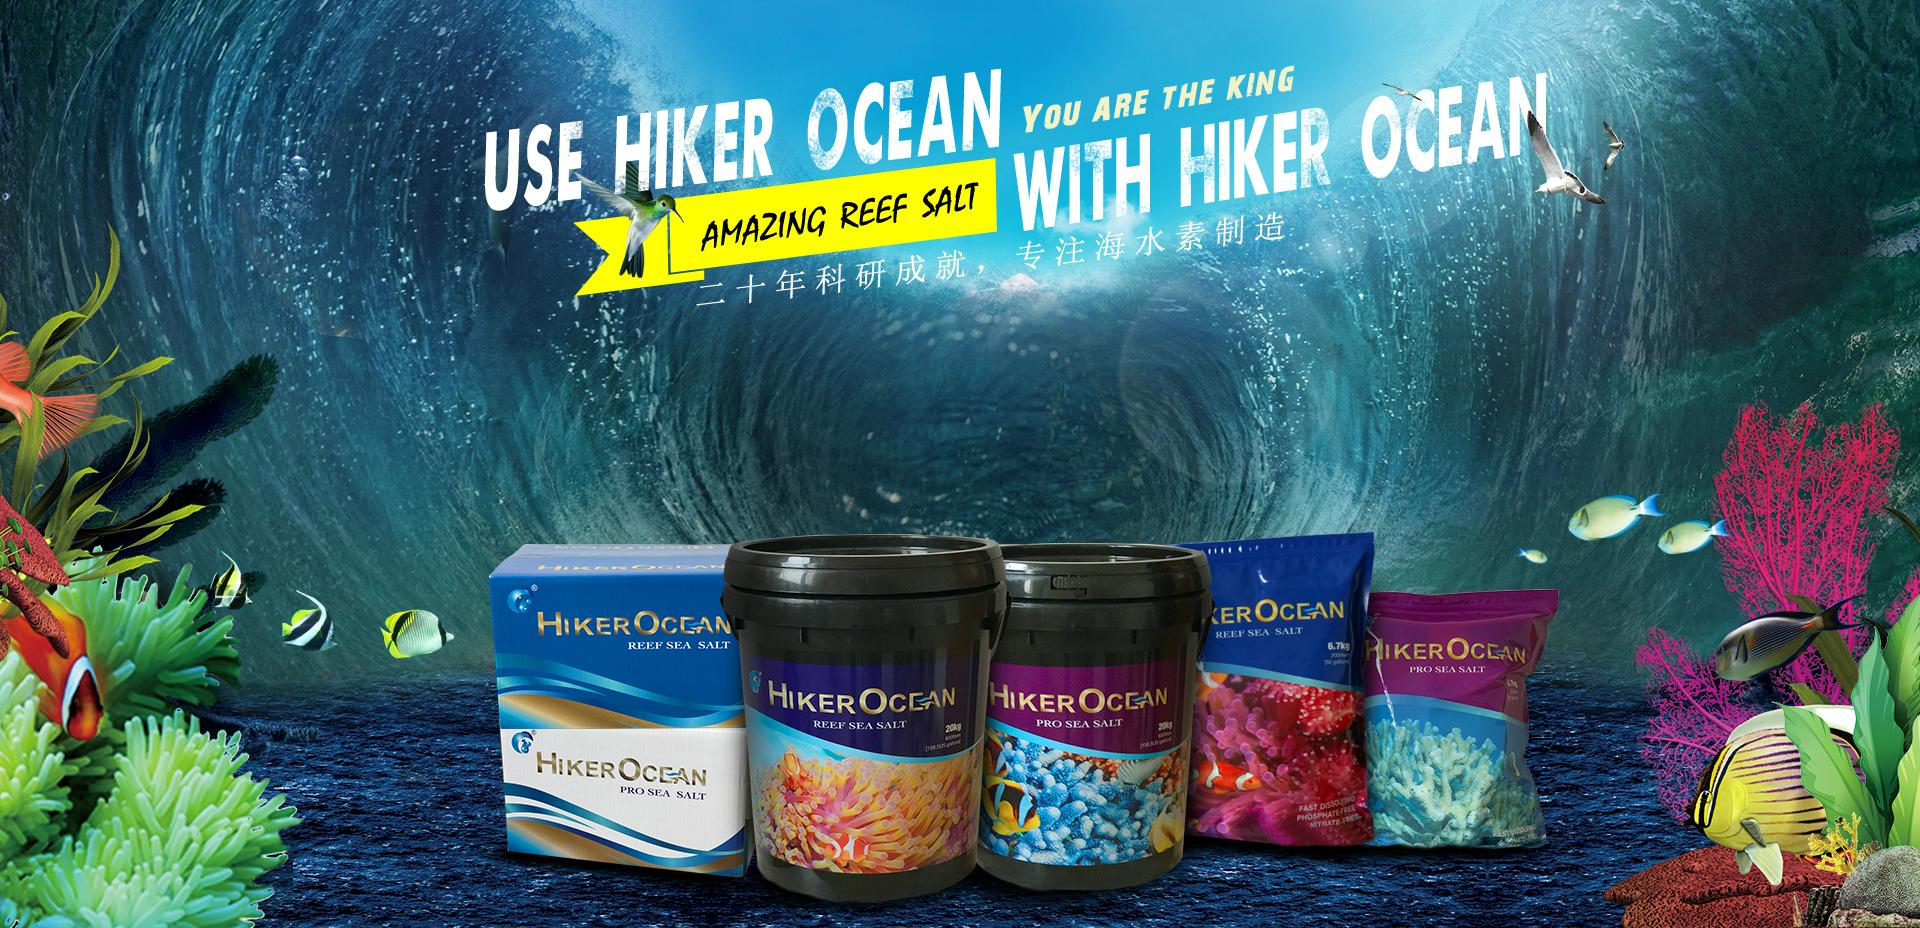 Hiker Ocean SPS Reef Salt 4